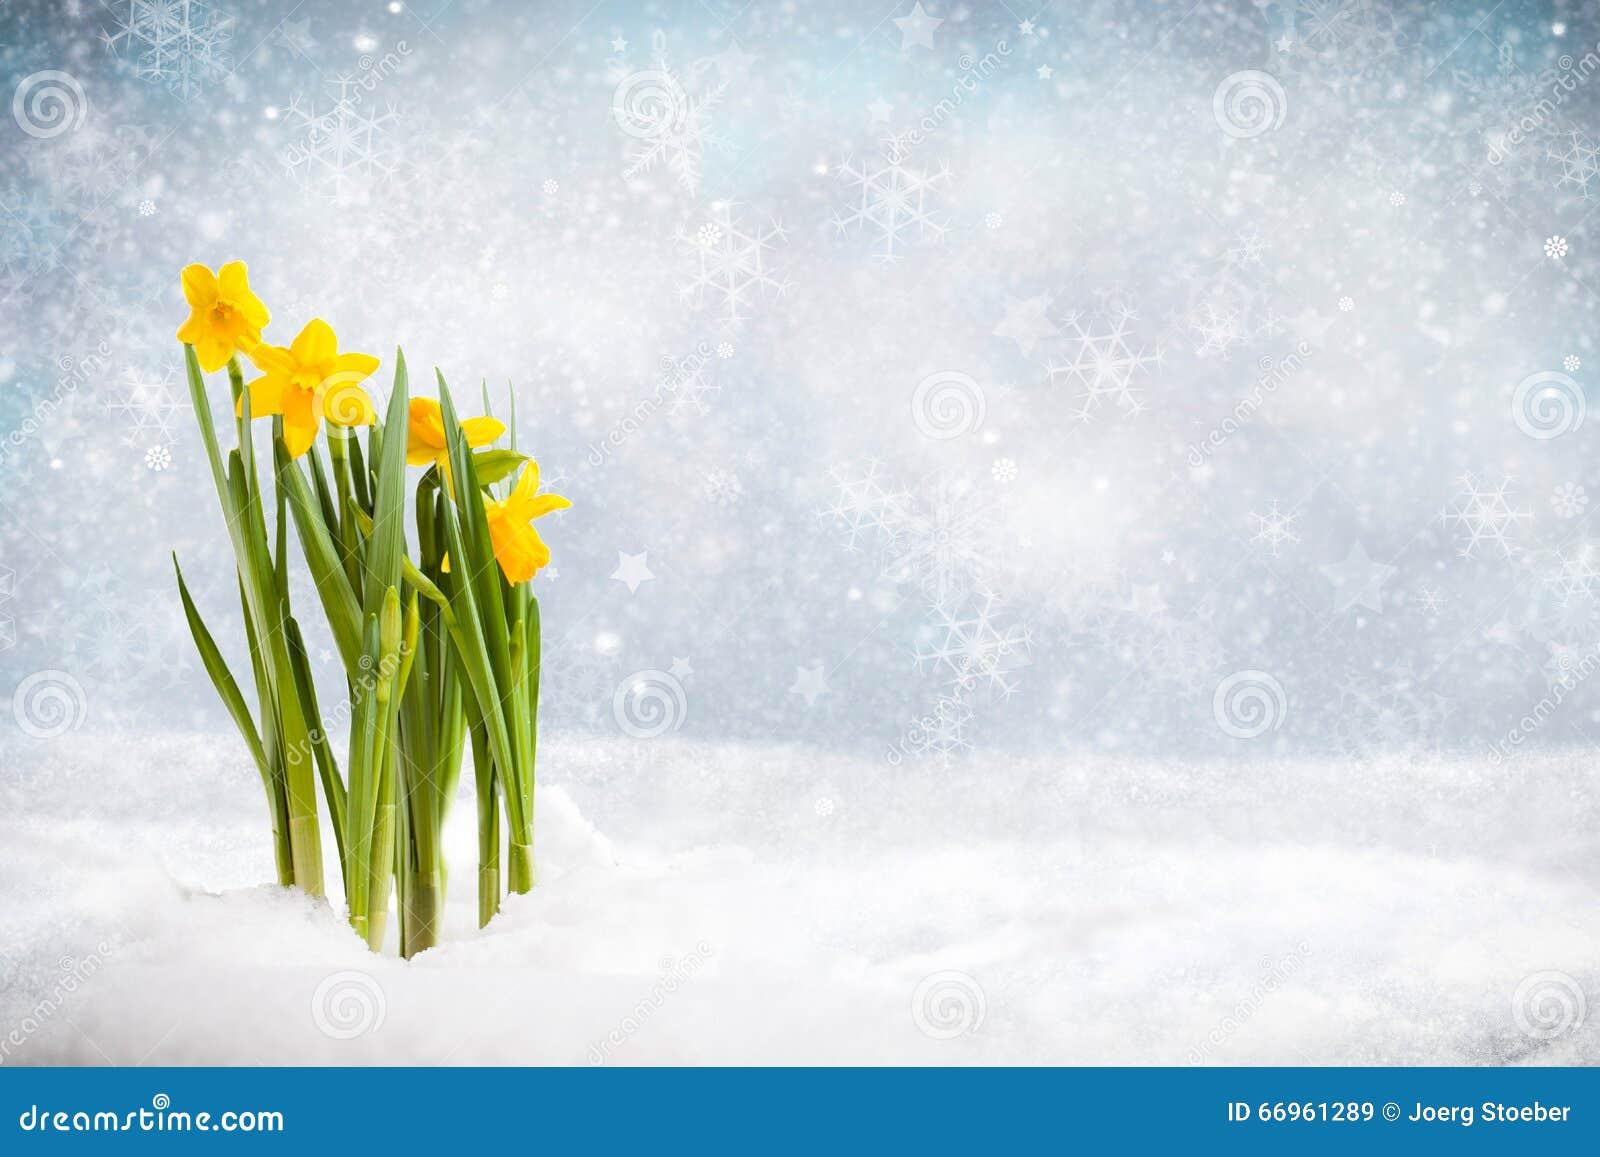 Jonquilles dans une scène d hiver traversant la neige